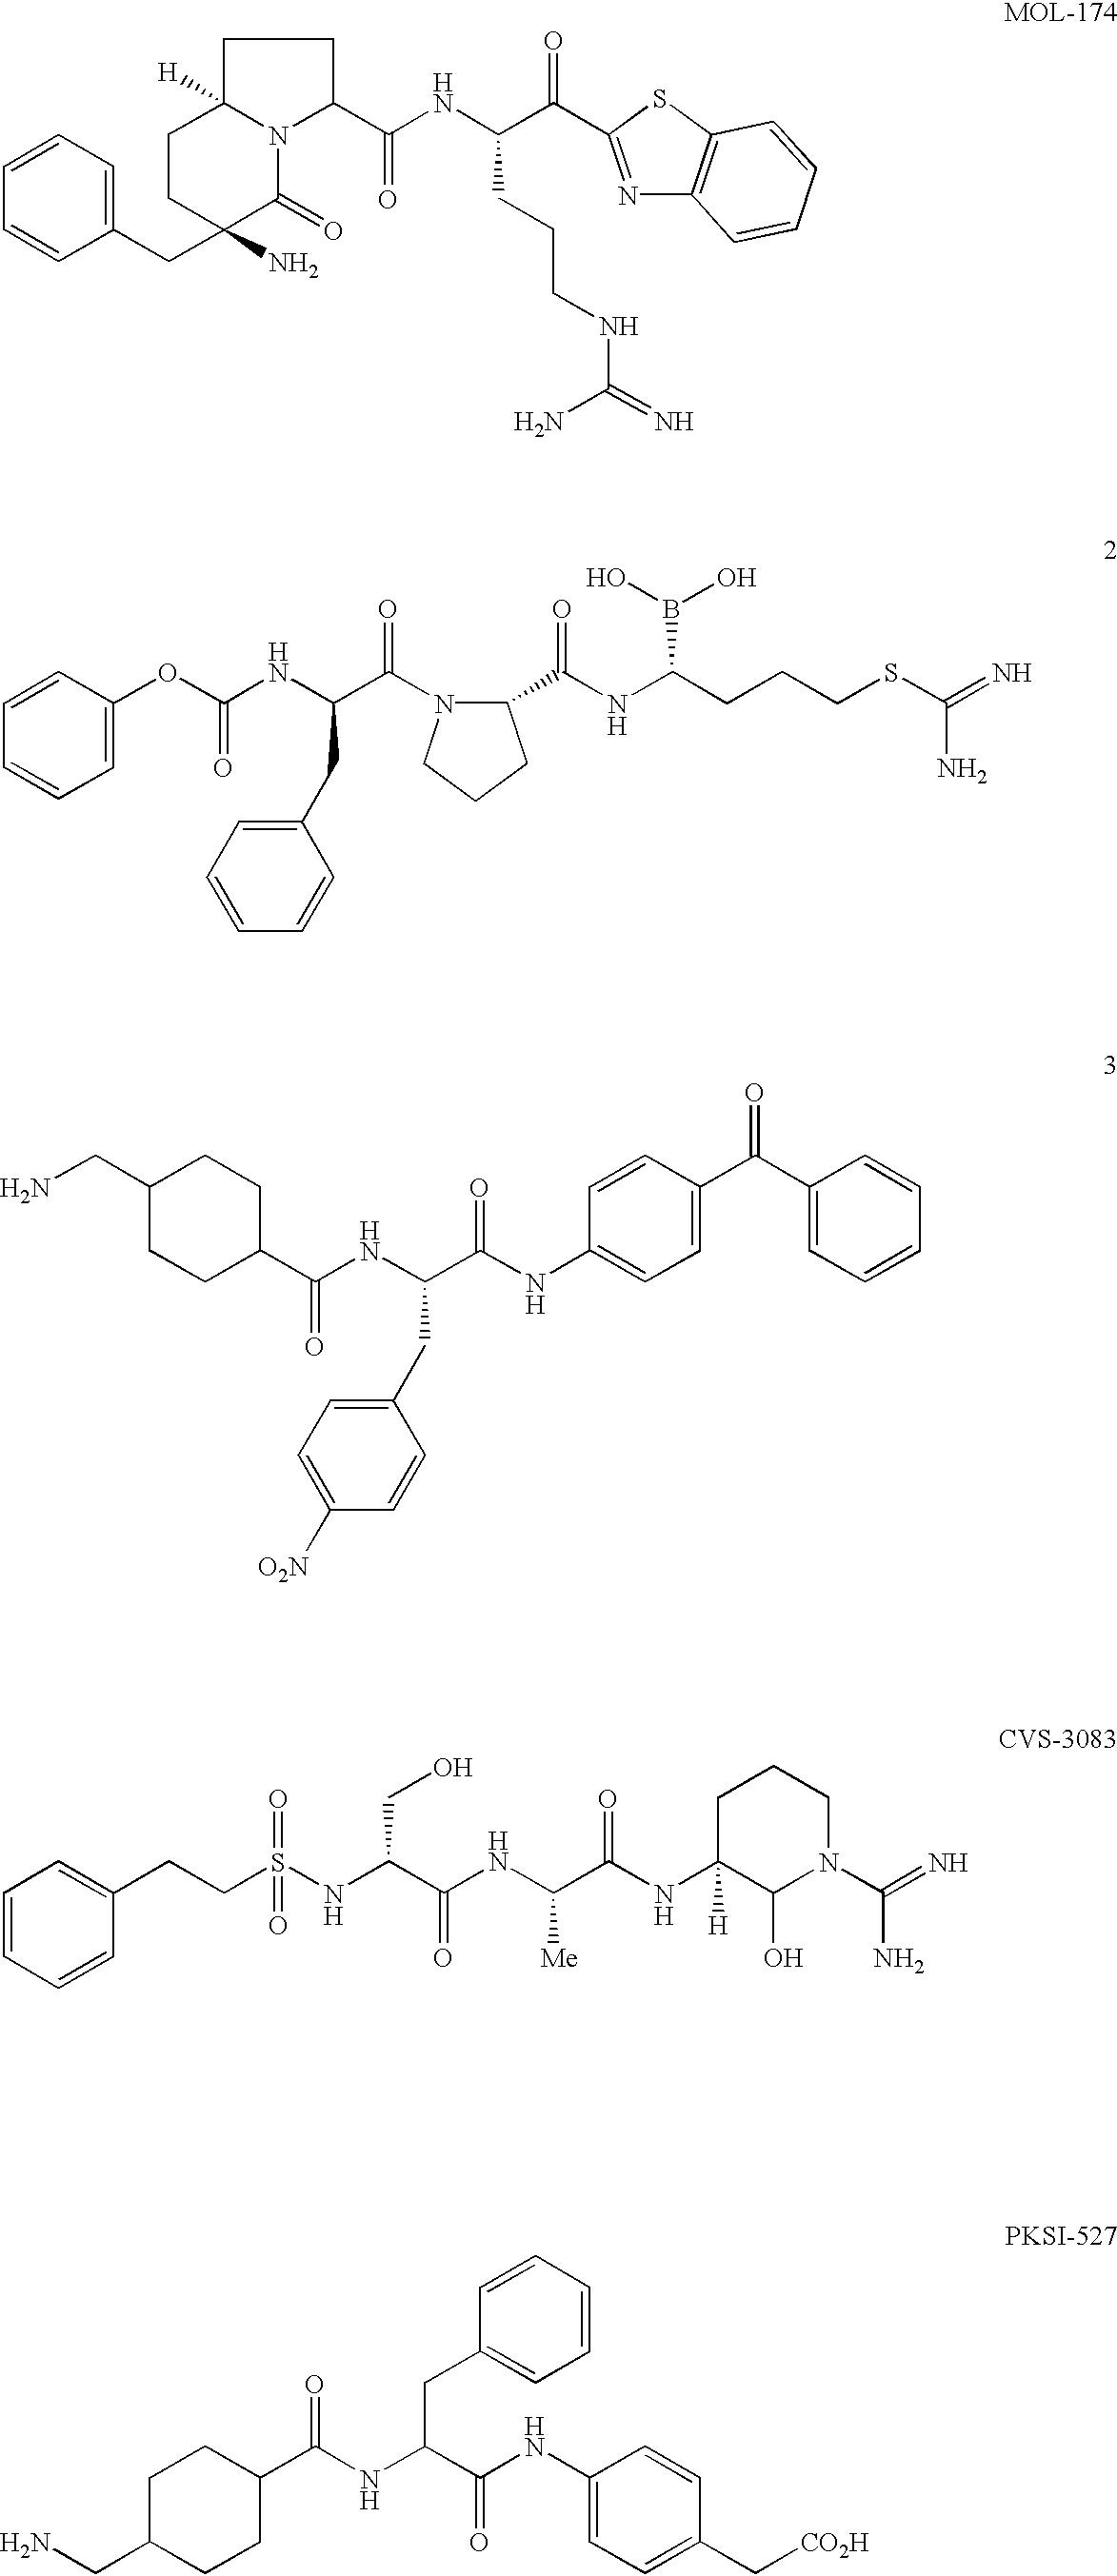 Figure US20030199440A1-20031023-C00003